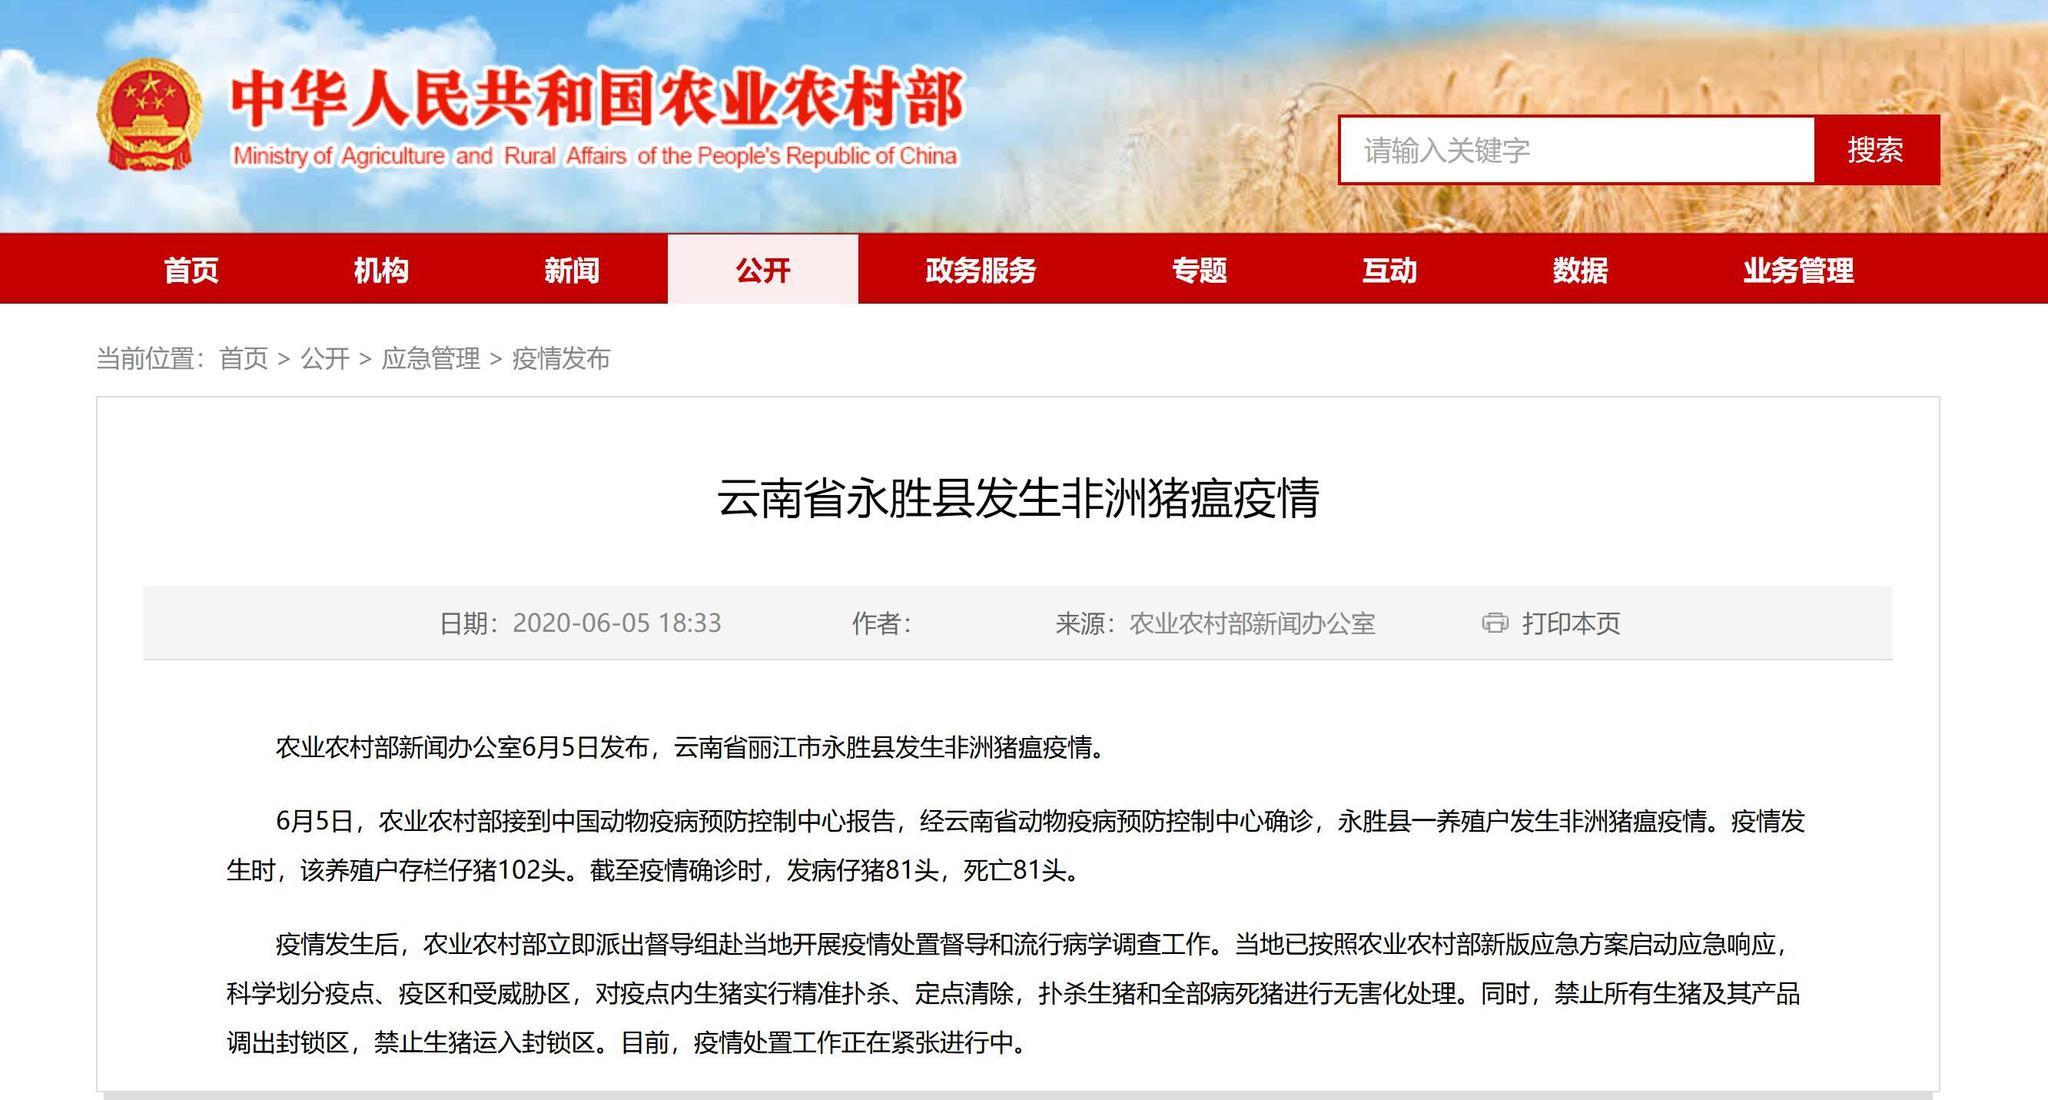 丽江市永胜县发生非洲猪瘟摩鑫登录疫情8,摩鑫登录图片